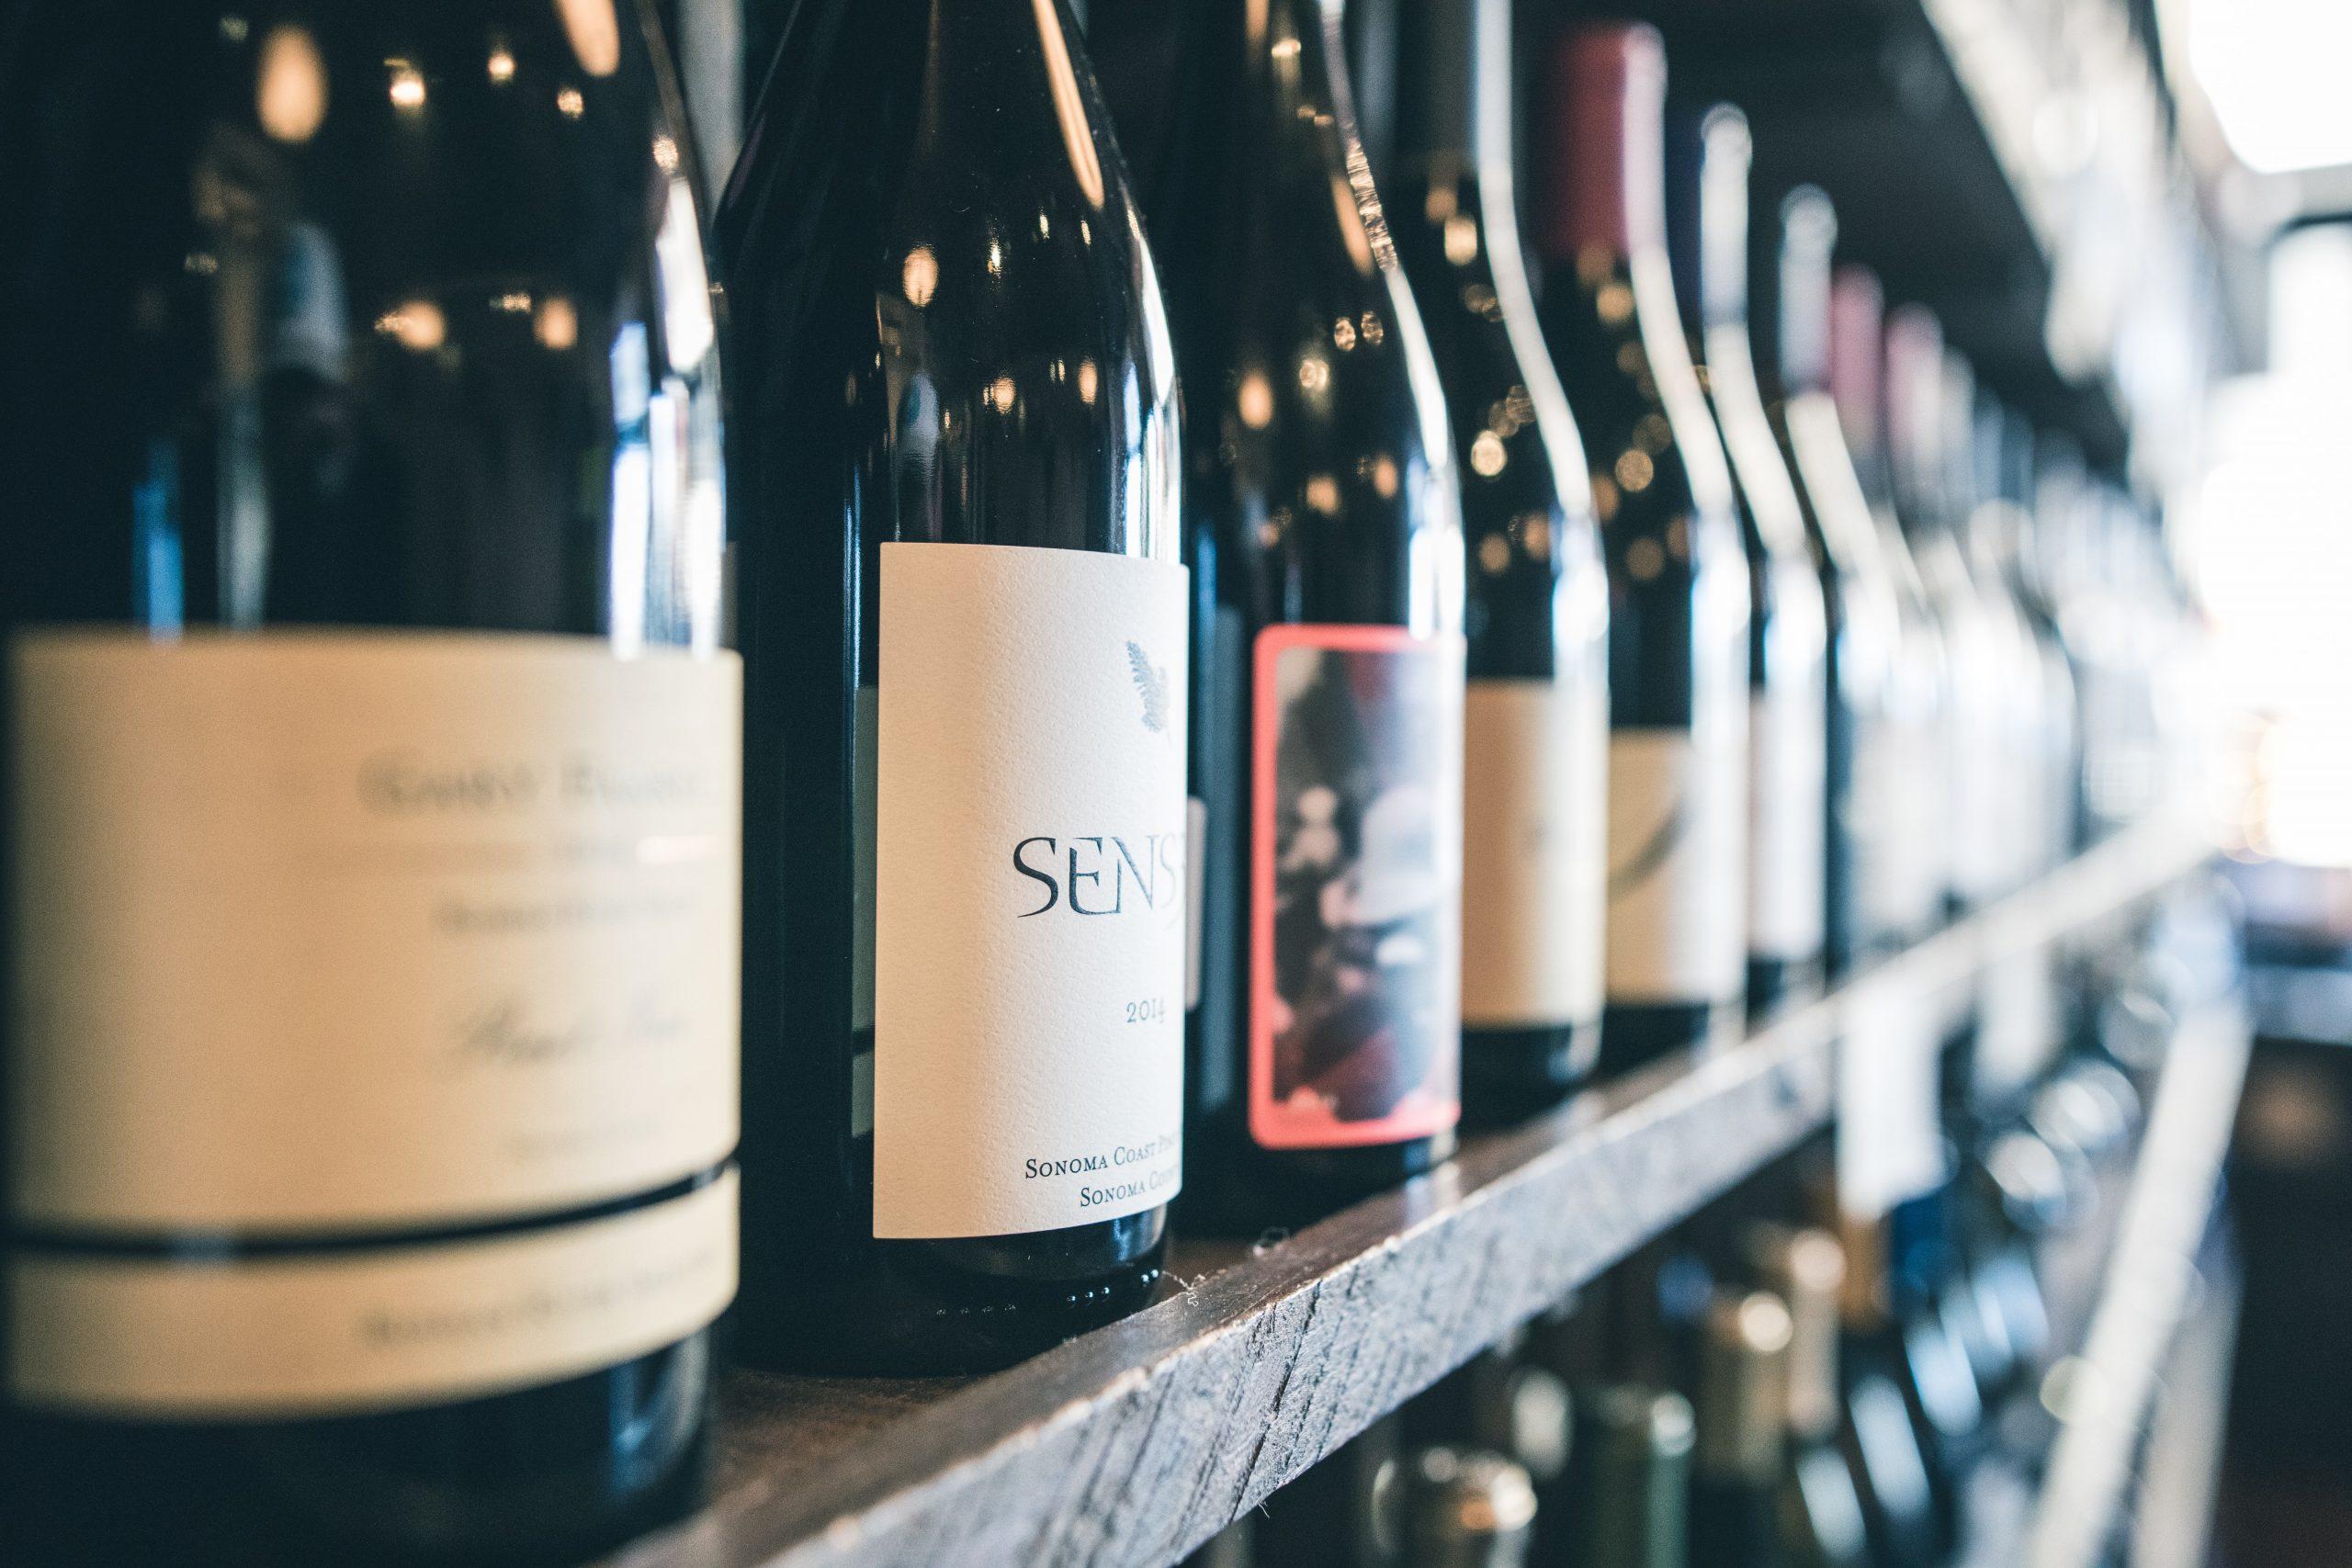 Consejos para comprar vinos y licores en línea